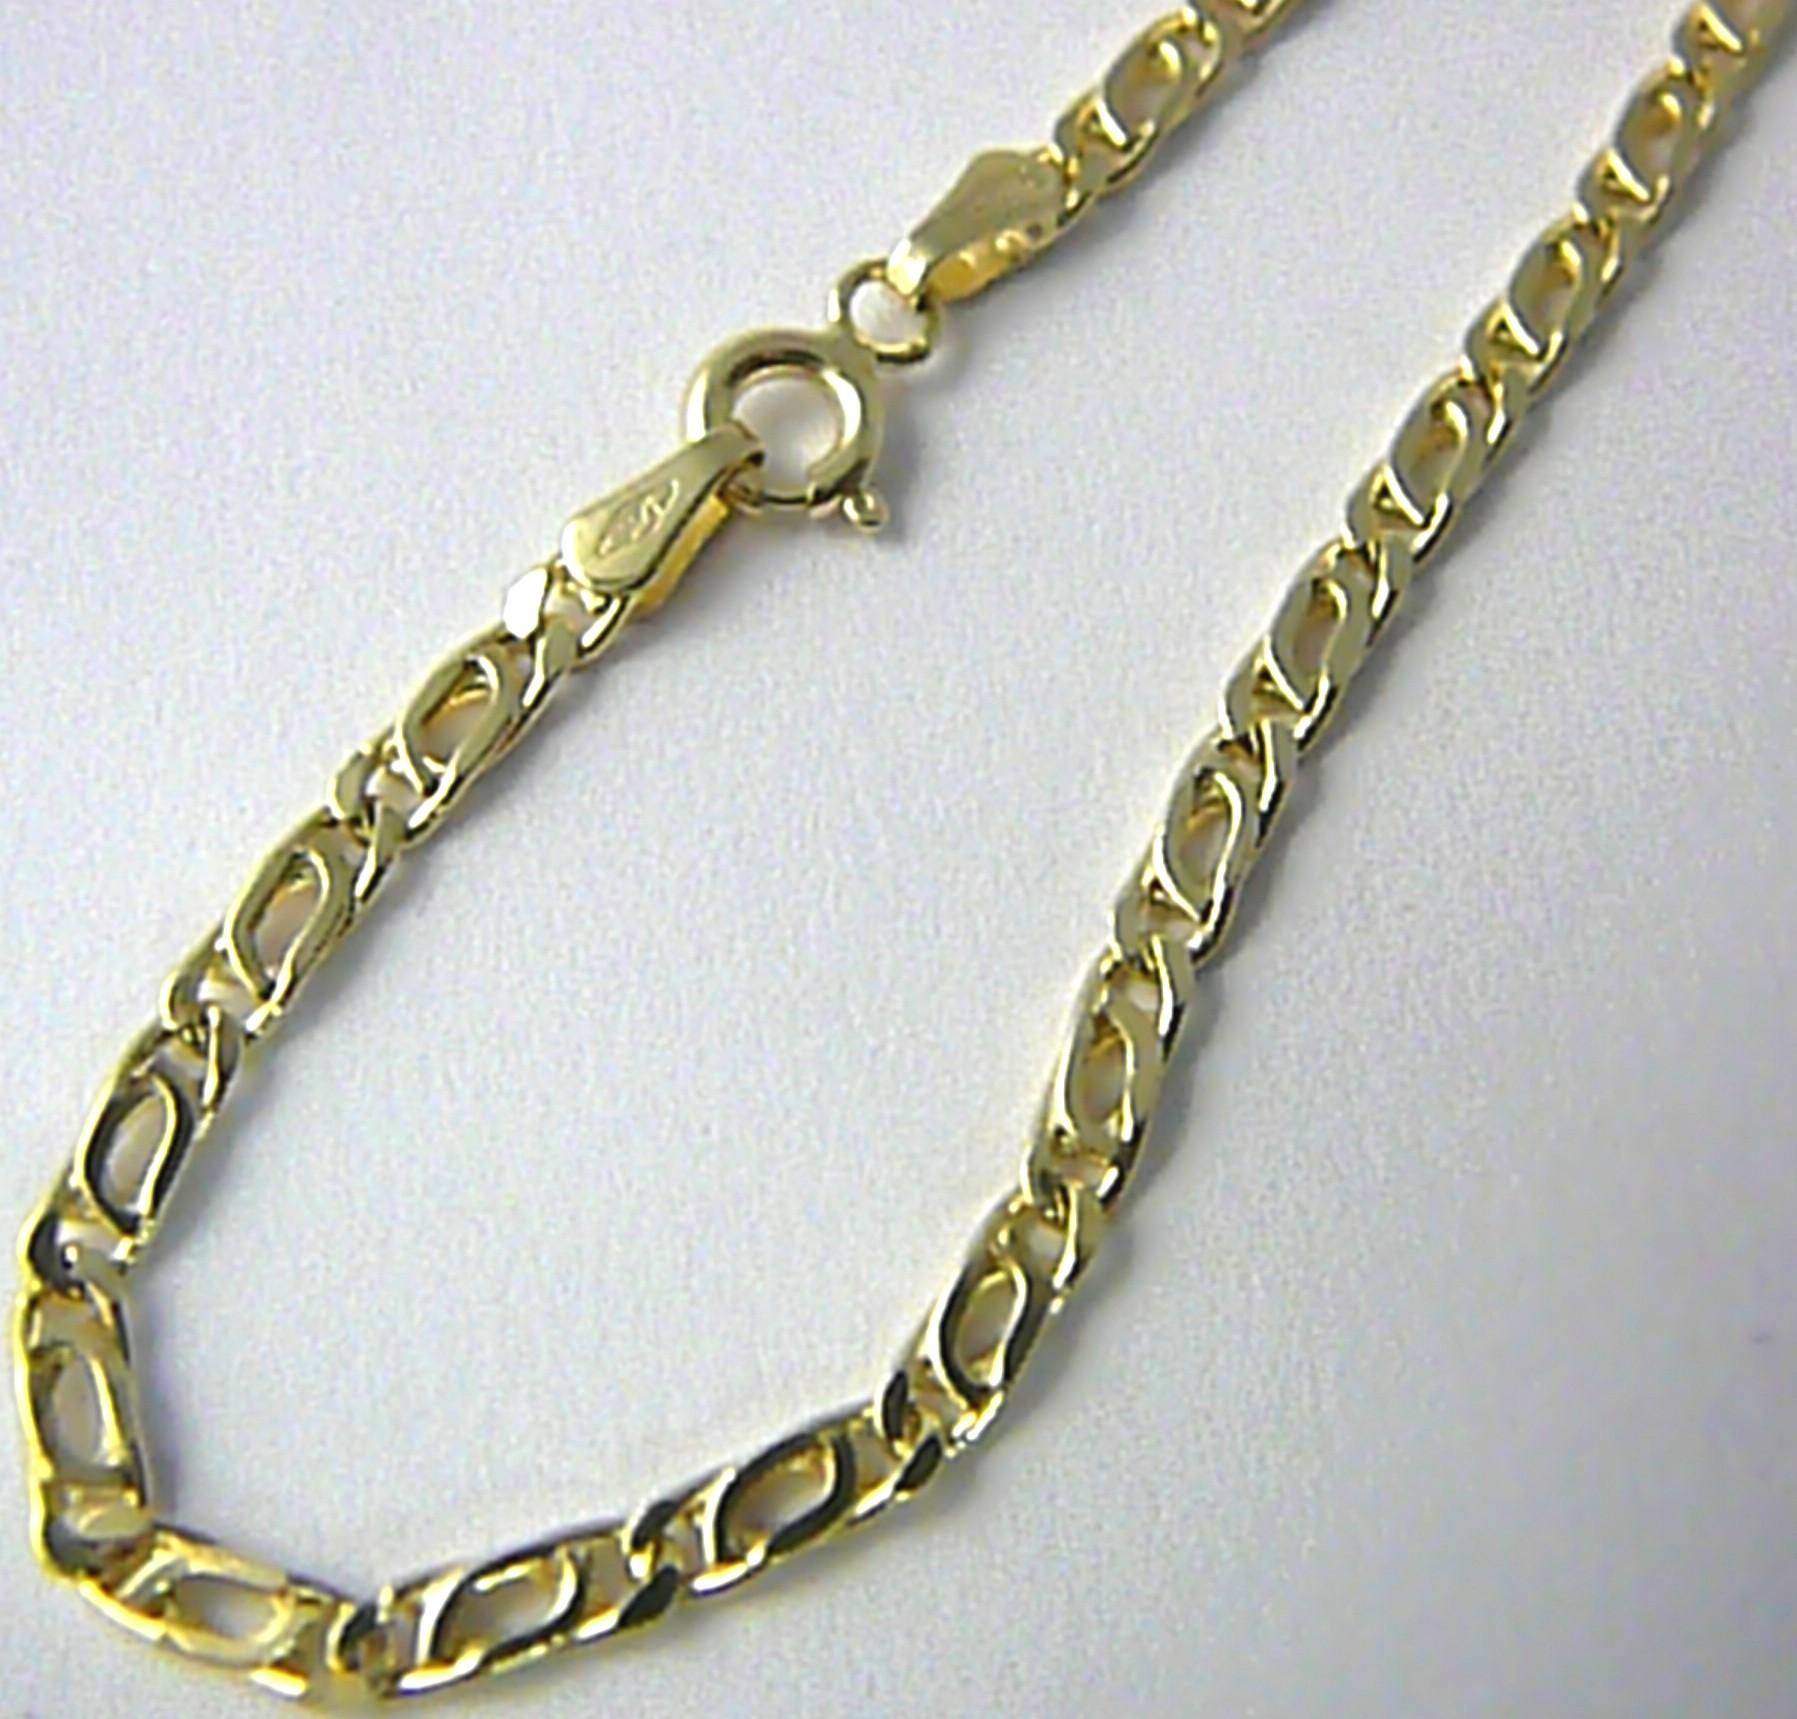 7e0bb33a7 Mohutný silný zlatý pánský náramek 585/1,06gr 21cm H457 POŠTOVNÉ ZDARMA! (